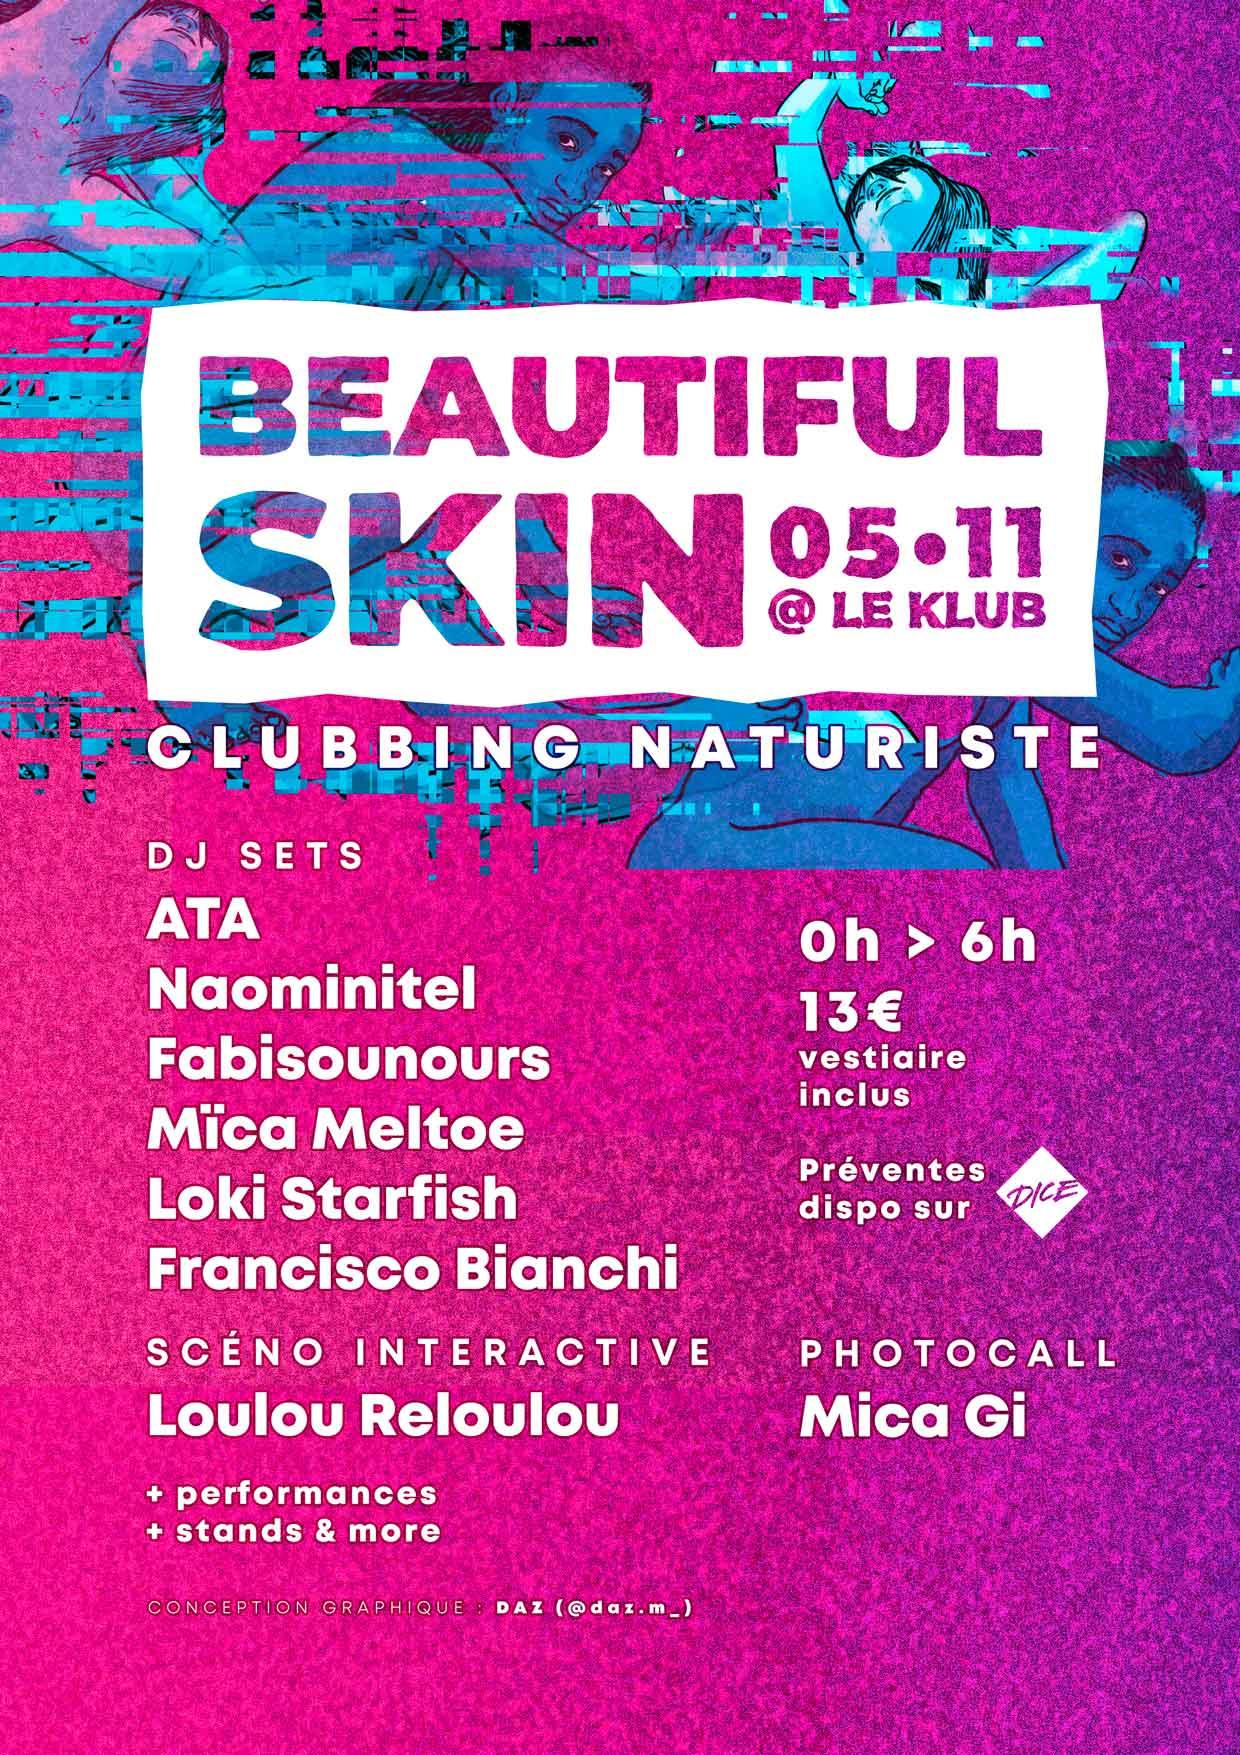 BEAUTIFUL SKIN ■ 05.11